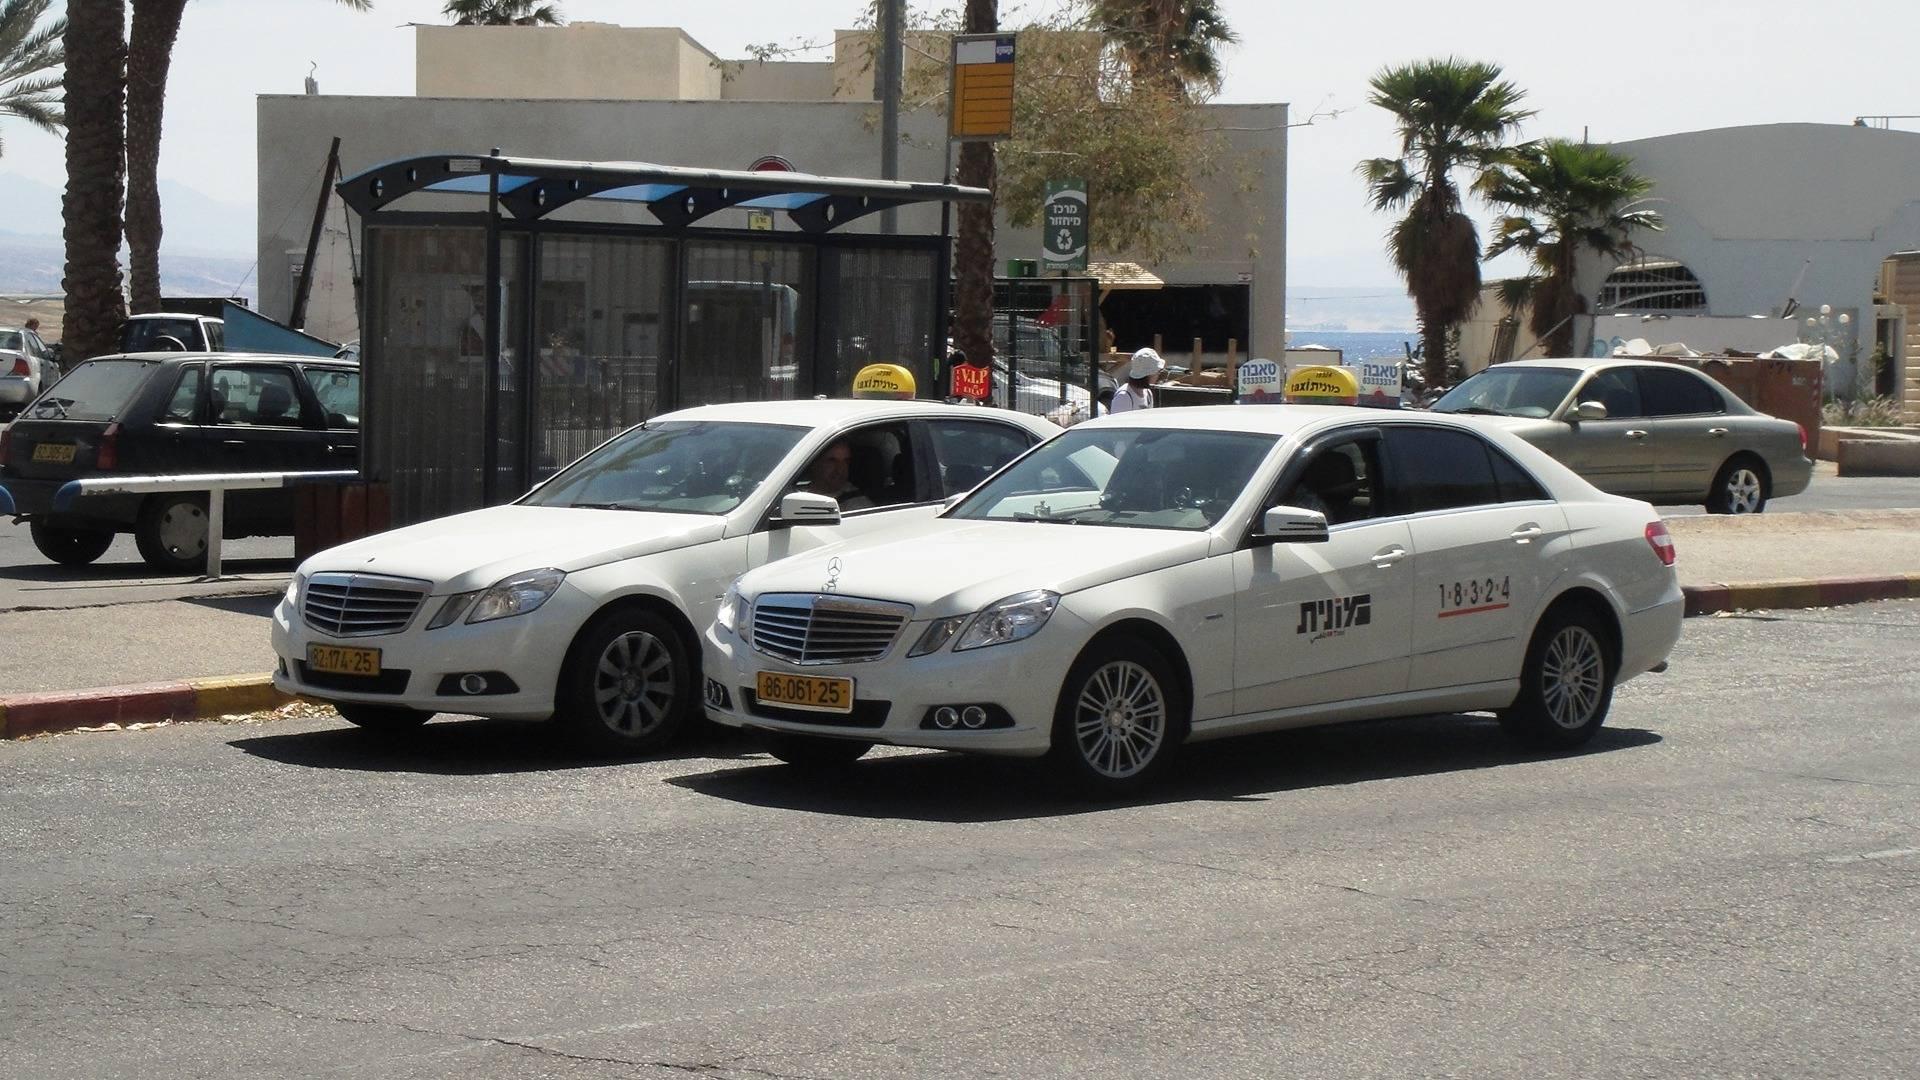 Работа в израиле: вакансии и зарплаты в 2021 году